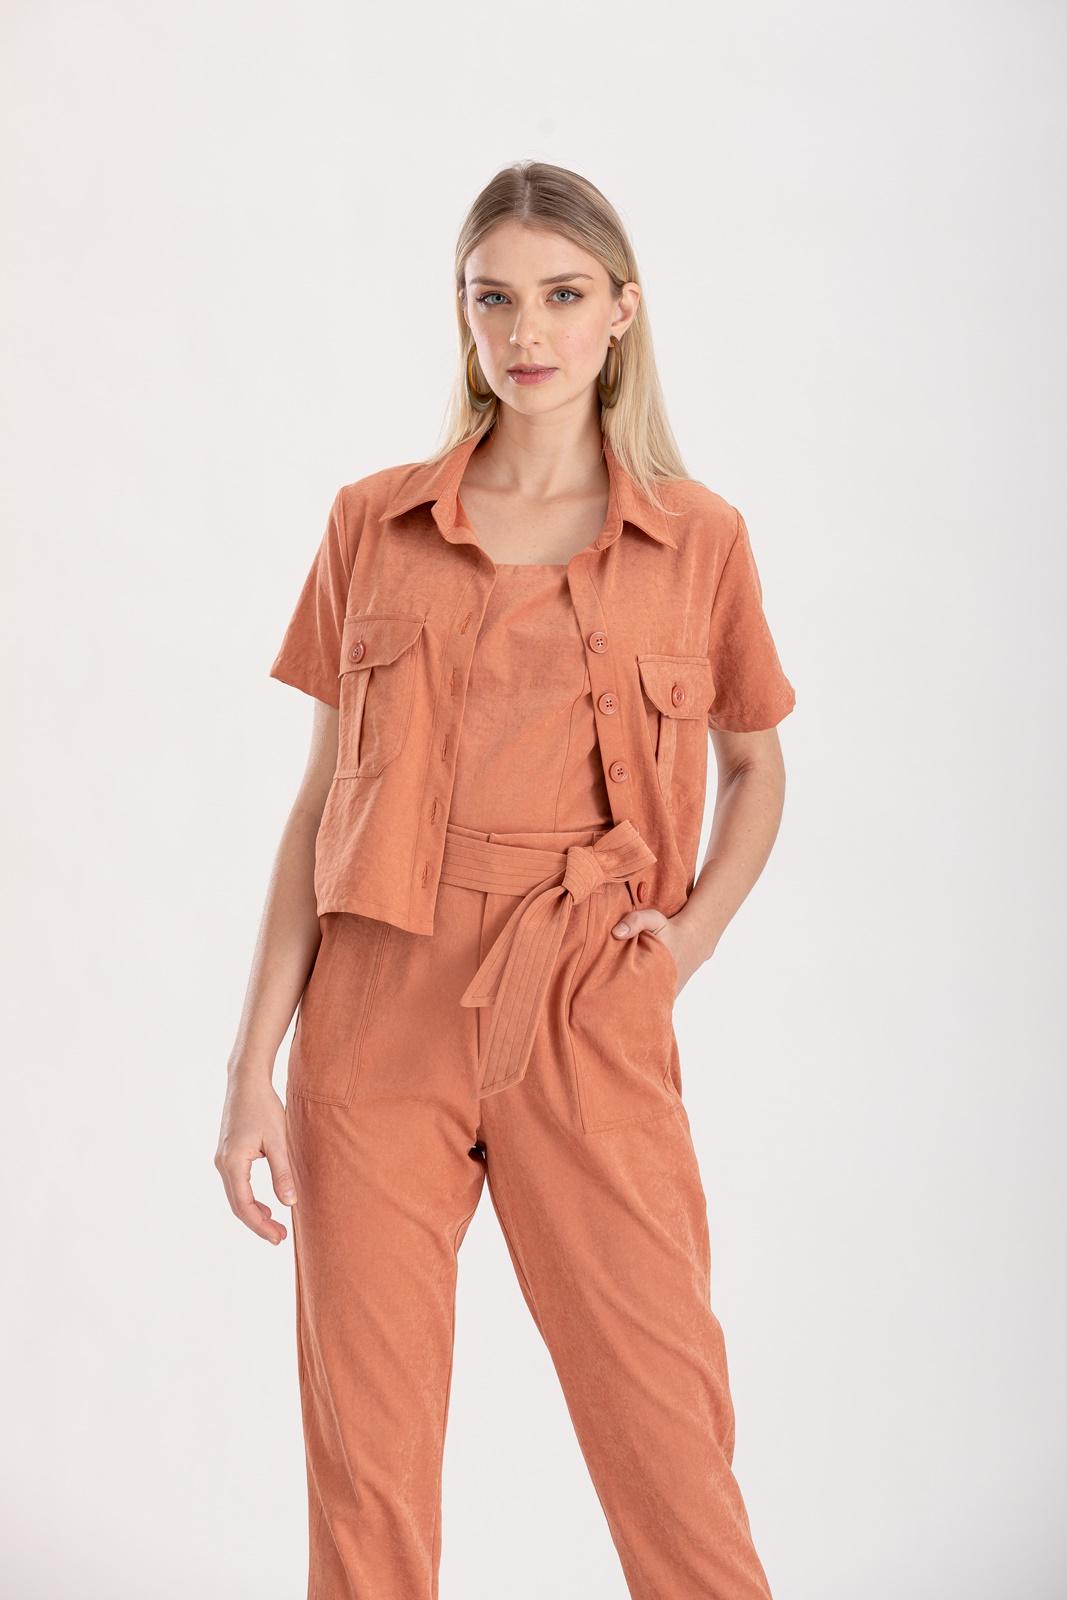 Camisa terracota com bolso ref. F12305